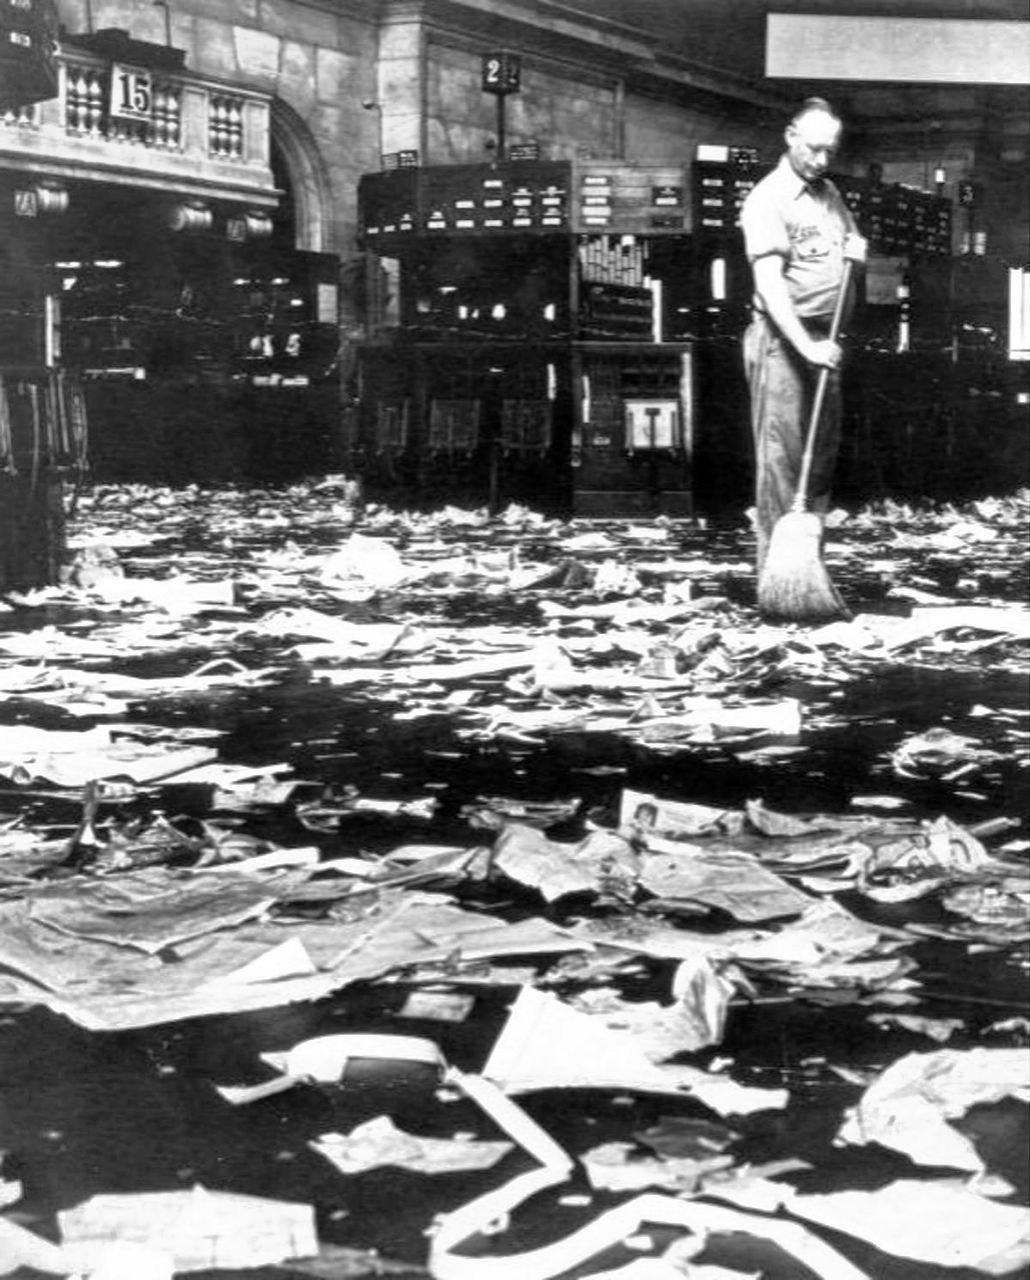 Начало Великой депрессии. Уборщик подметает акции, которые превратились в мусор. Нью-йоркская биржа, 1929 год